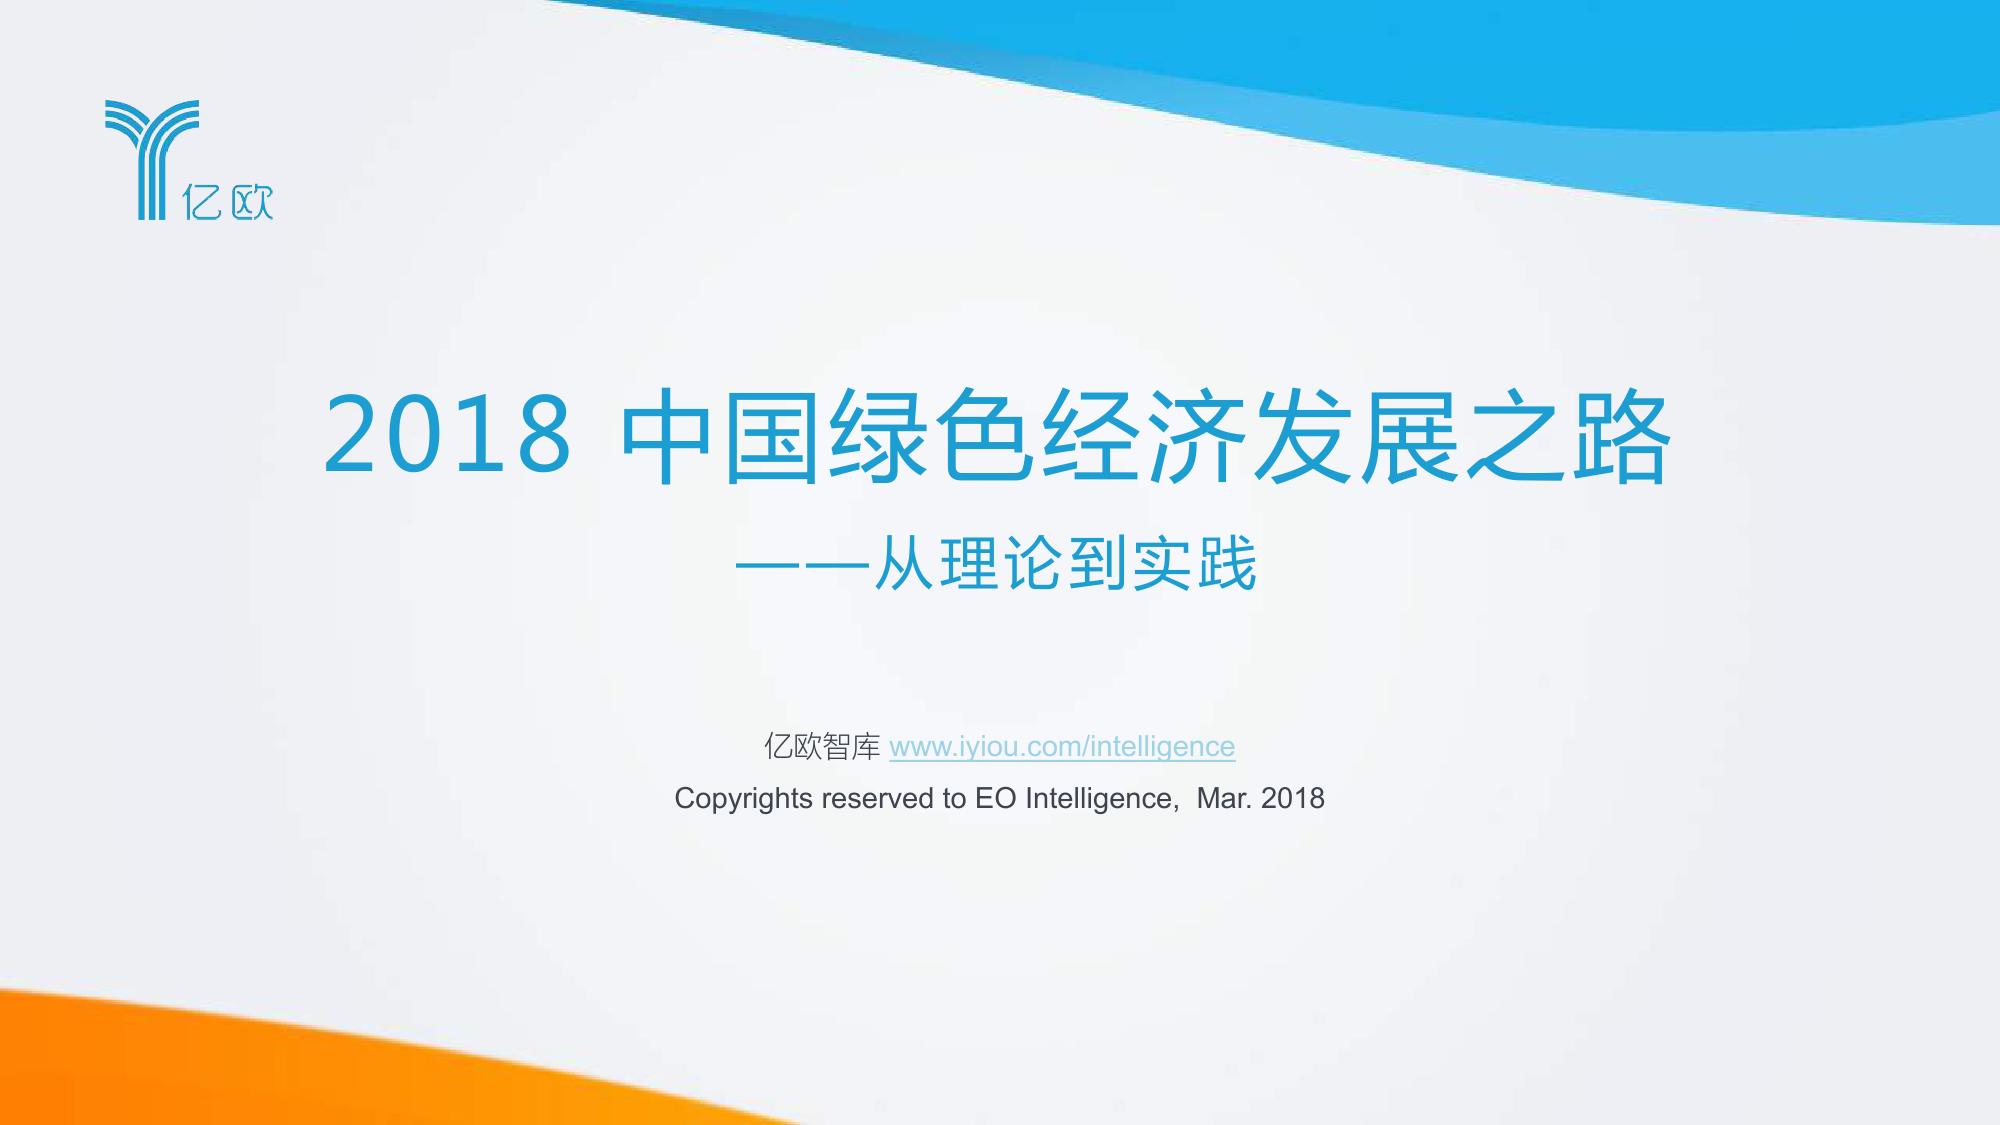 亿欧智库:2018中国绿色经济发展之路研究报告(附下载)